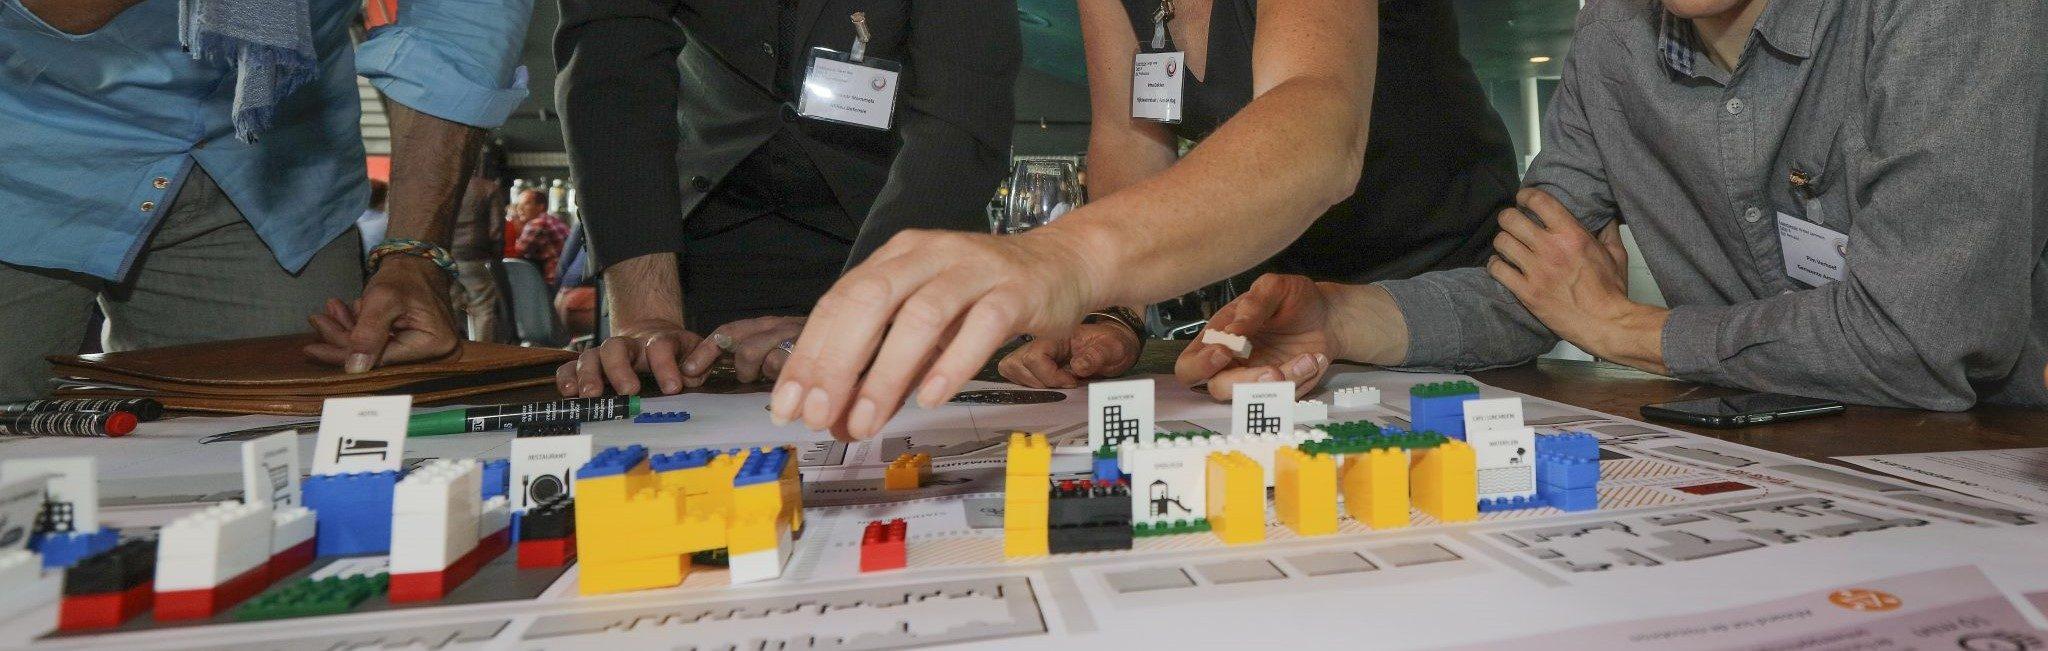 Smart Stedenbouw:  'Een slimme stad, zo doe je dat'